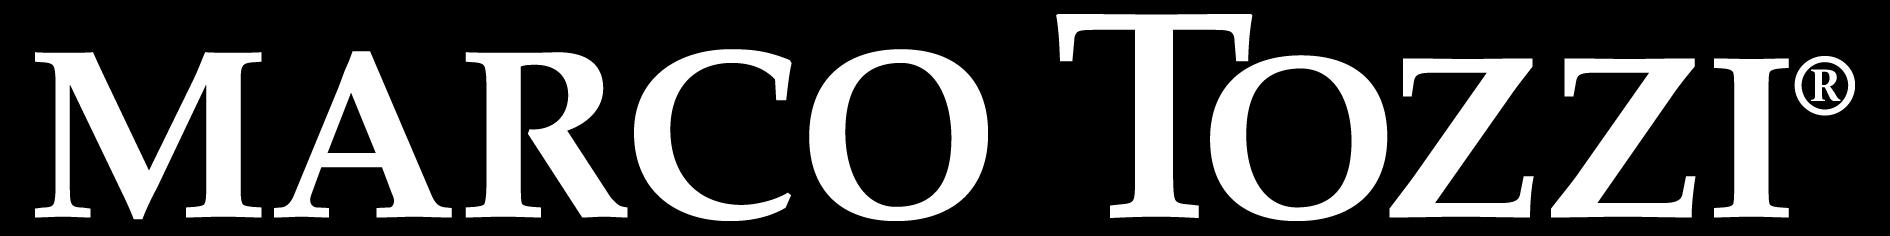 MarcoTozzi Logo